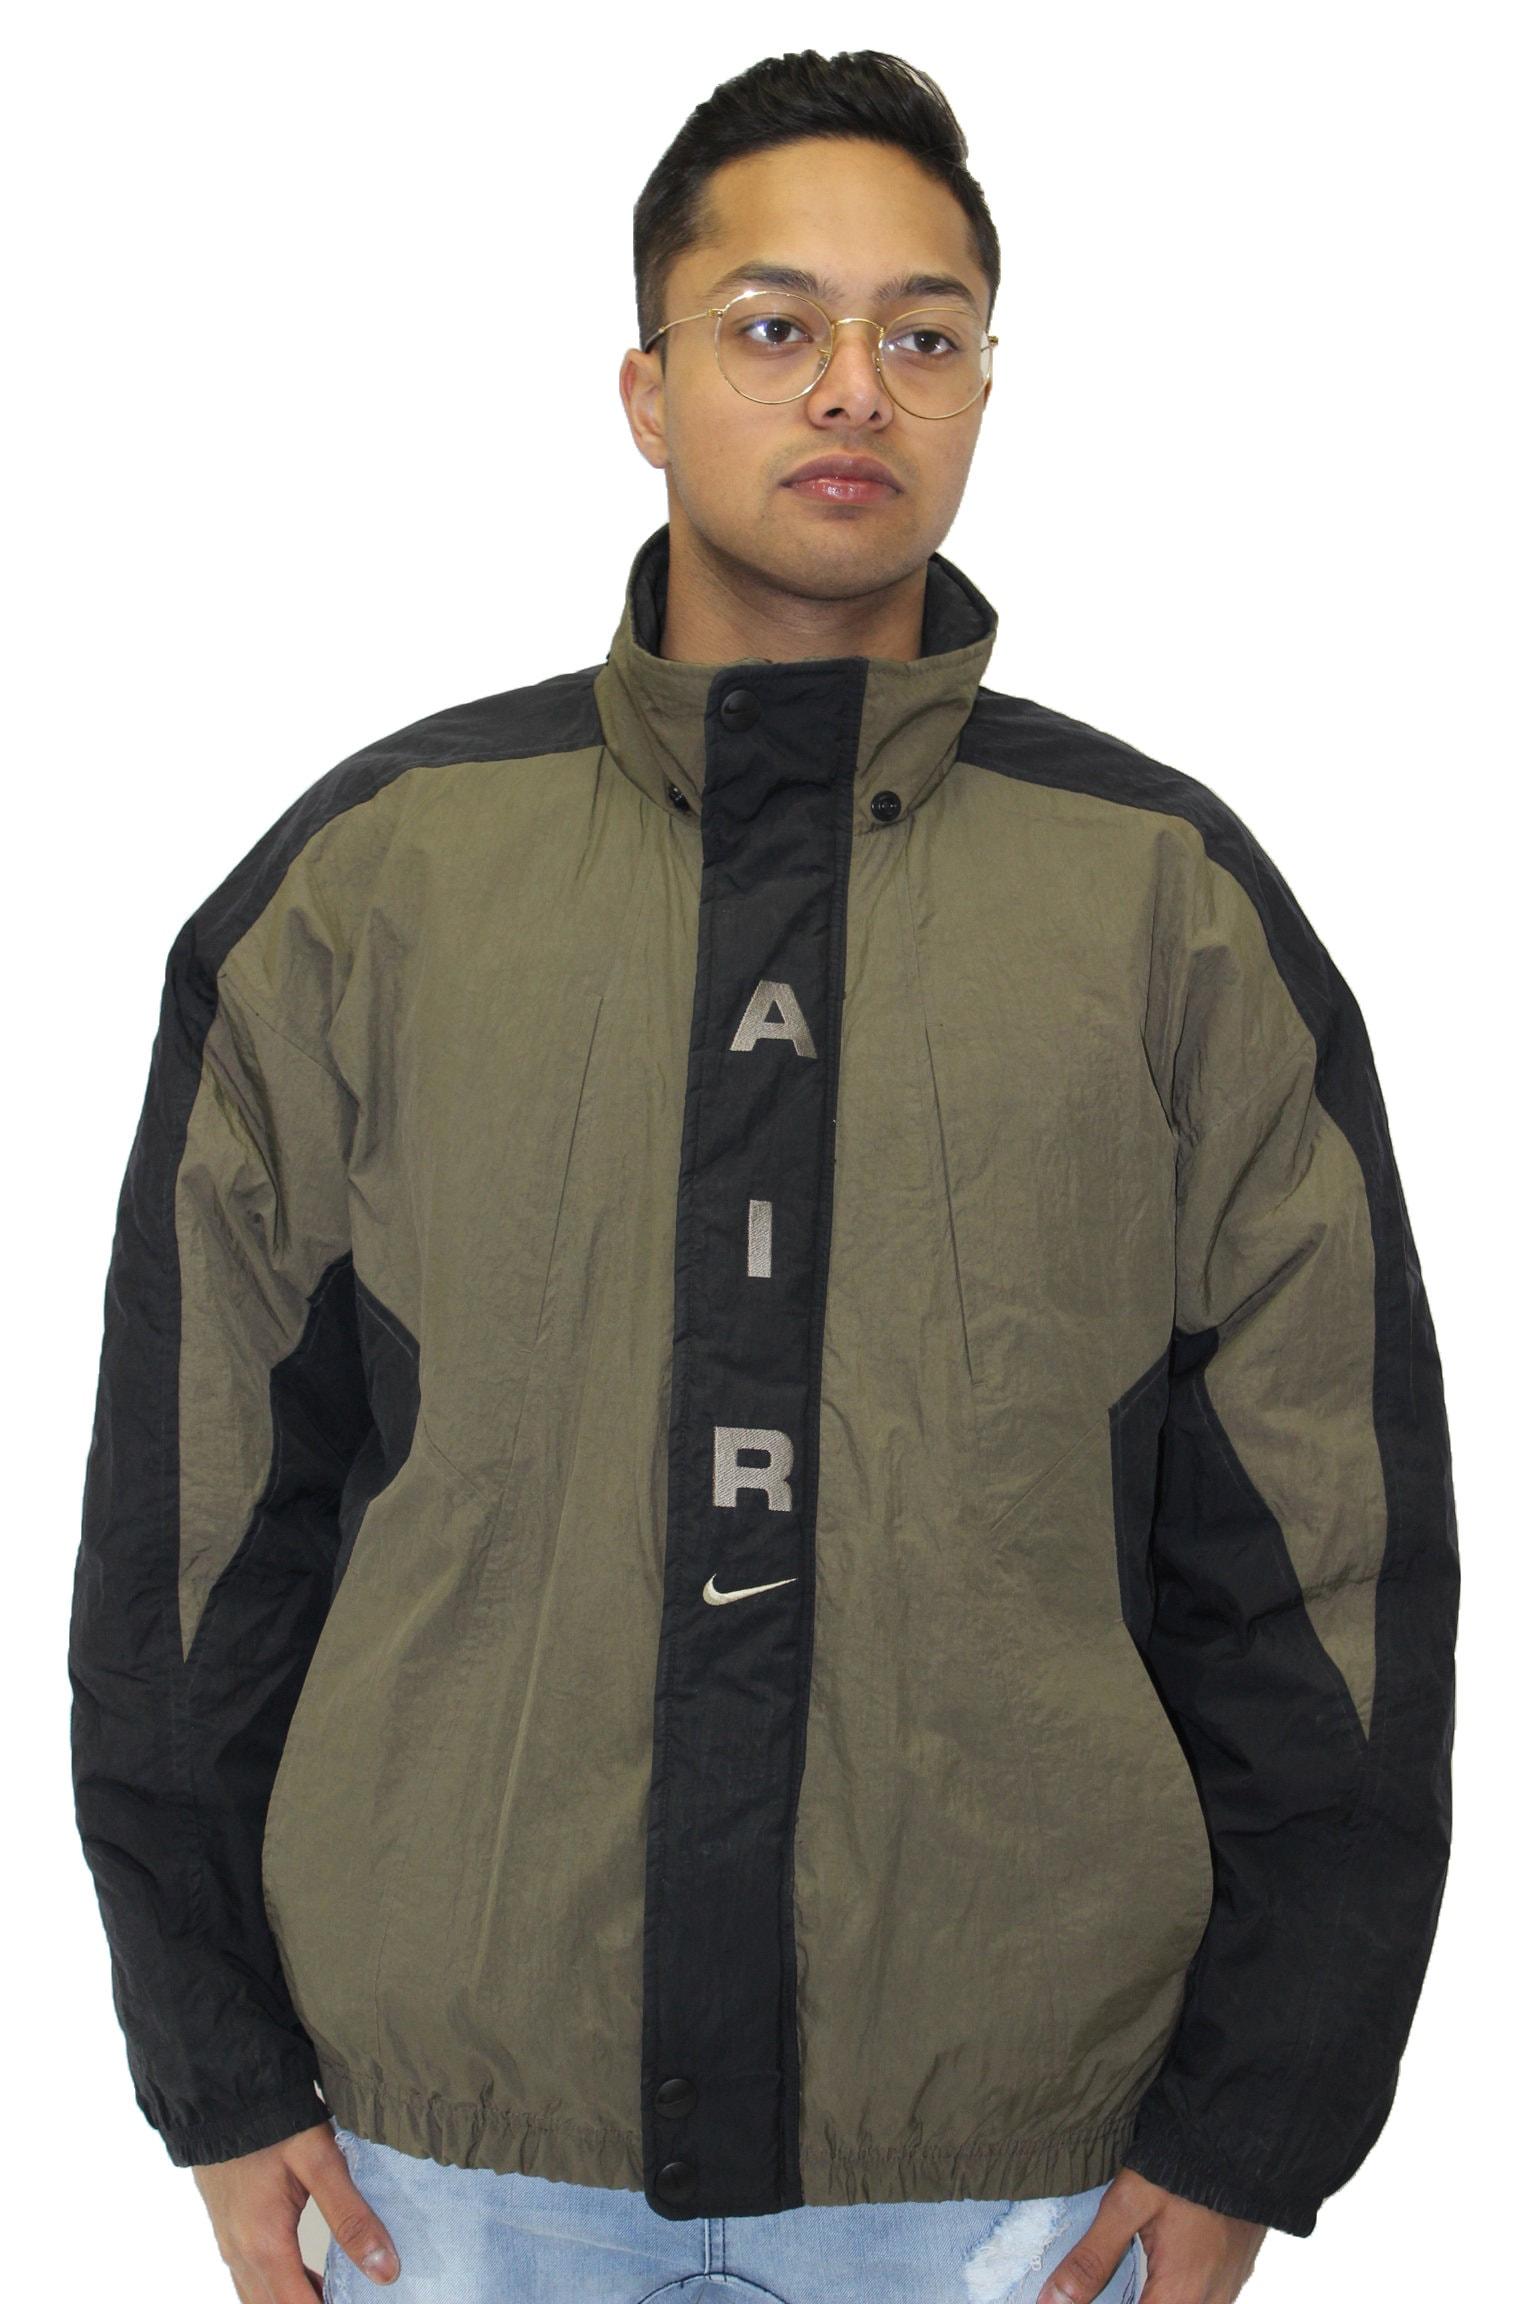 5cc73bc25c Vintage Nike Insulated Jacket Size Medium